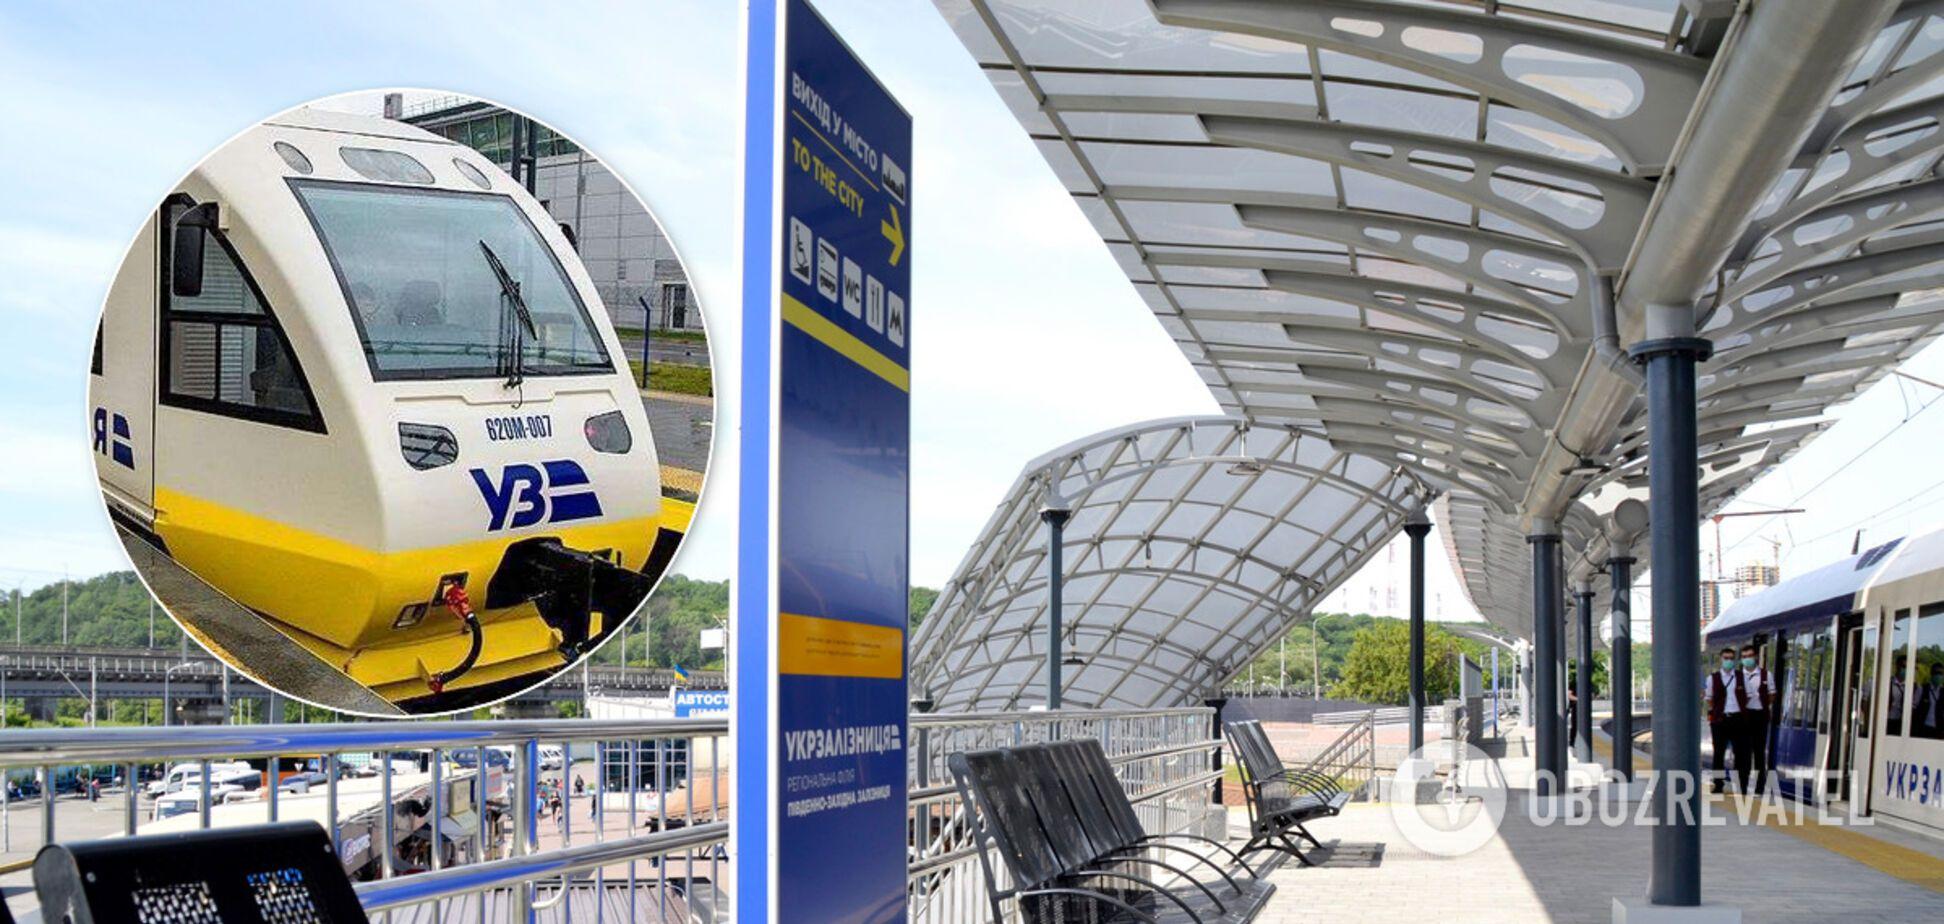 В Киеве реконструировали станцию Выдубичи: запустили экспресс в Борисполь и поезда Интерсити